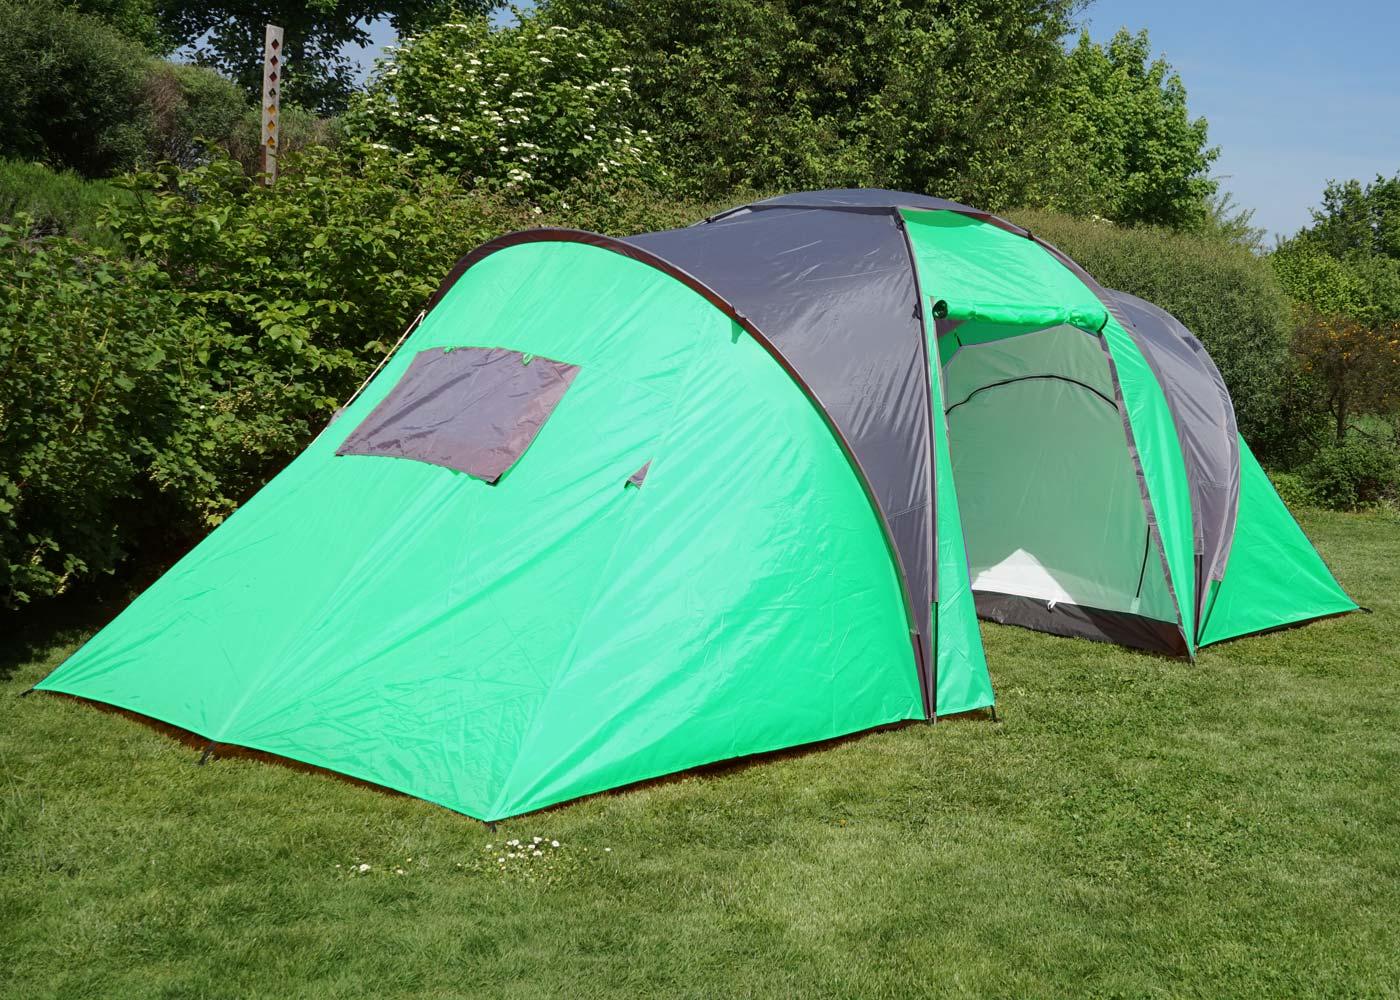 Led Kronleuchter Zelt ~ Campingzelt loksa 4 mann zelt kuppelzelt igluzelt festival zelt 4